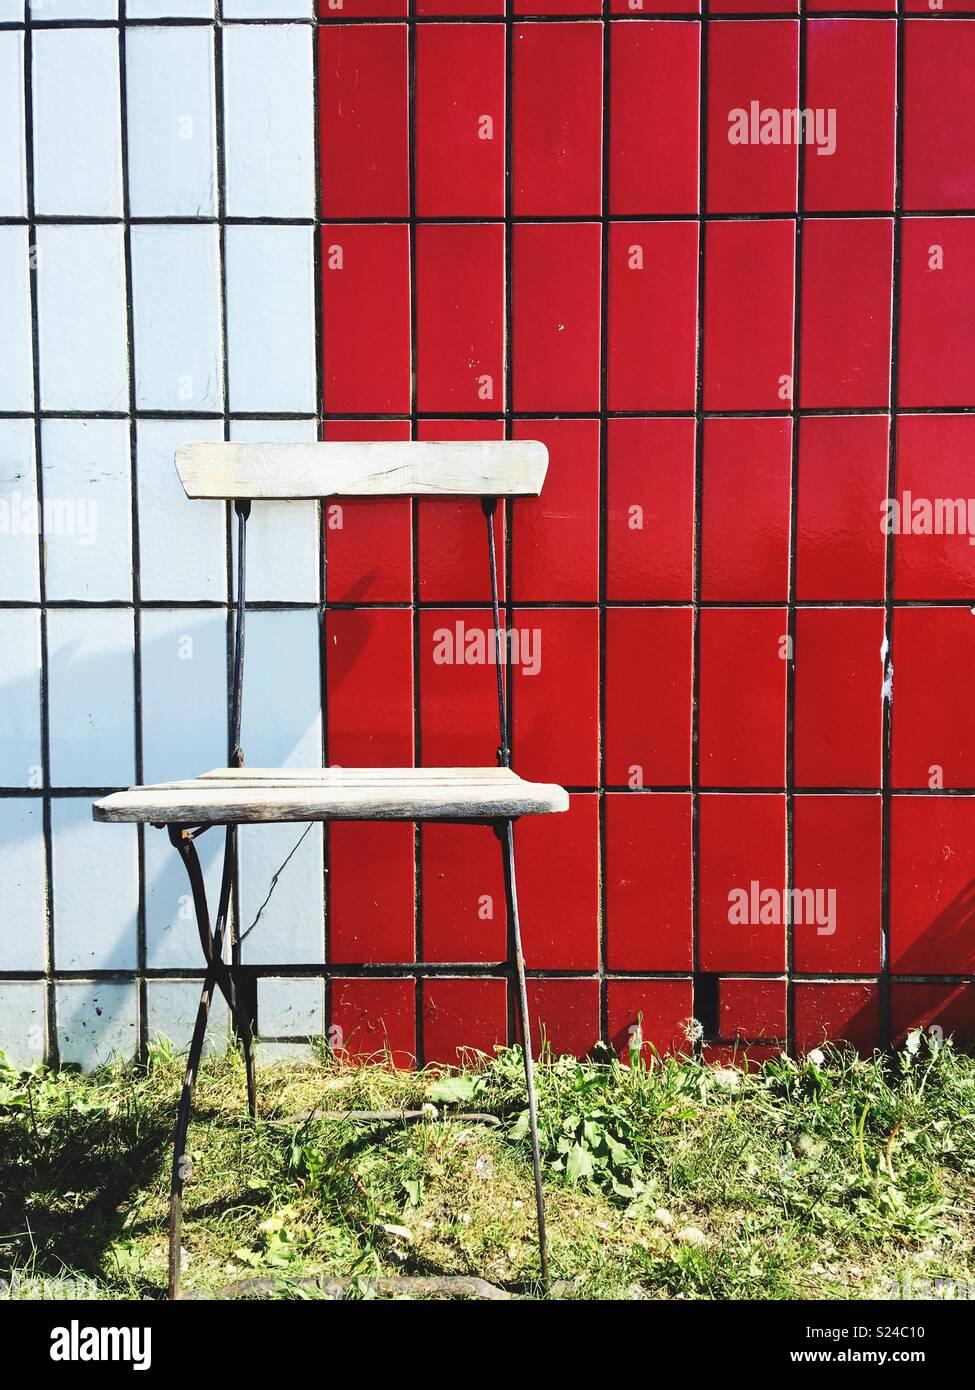 Un fauteuil de jardin en bois contre un mur de carreaux rouges et blancs Photo Stock